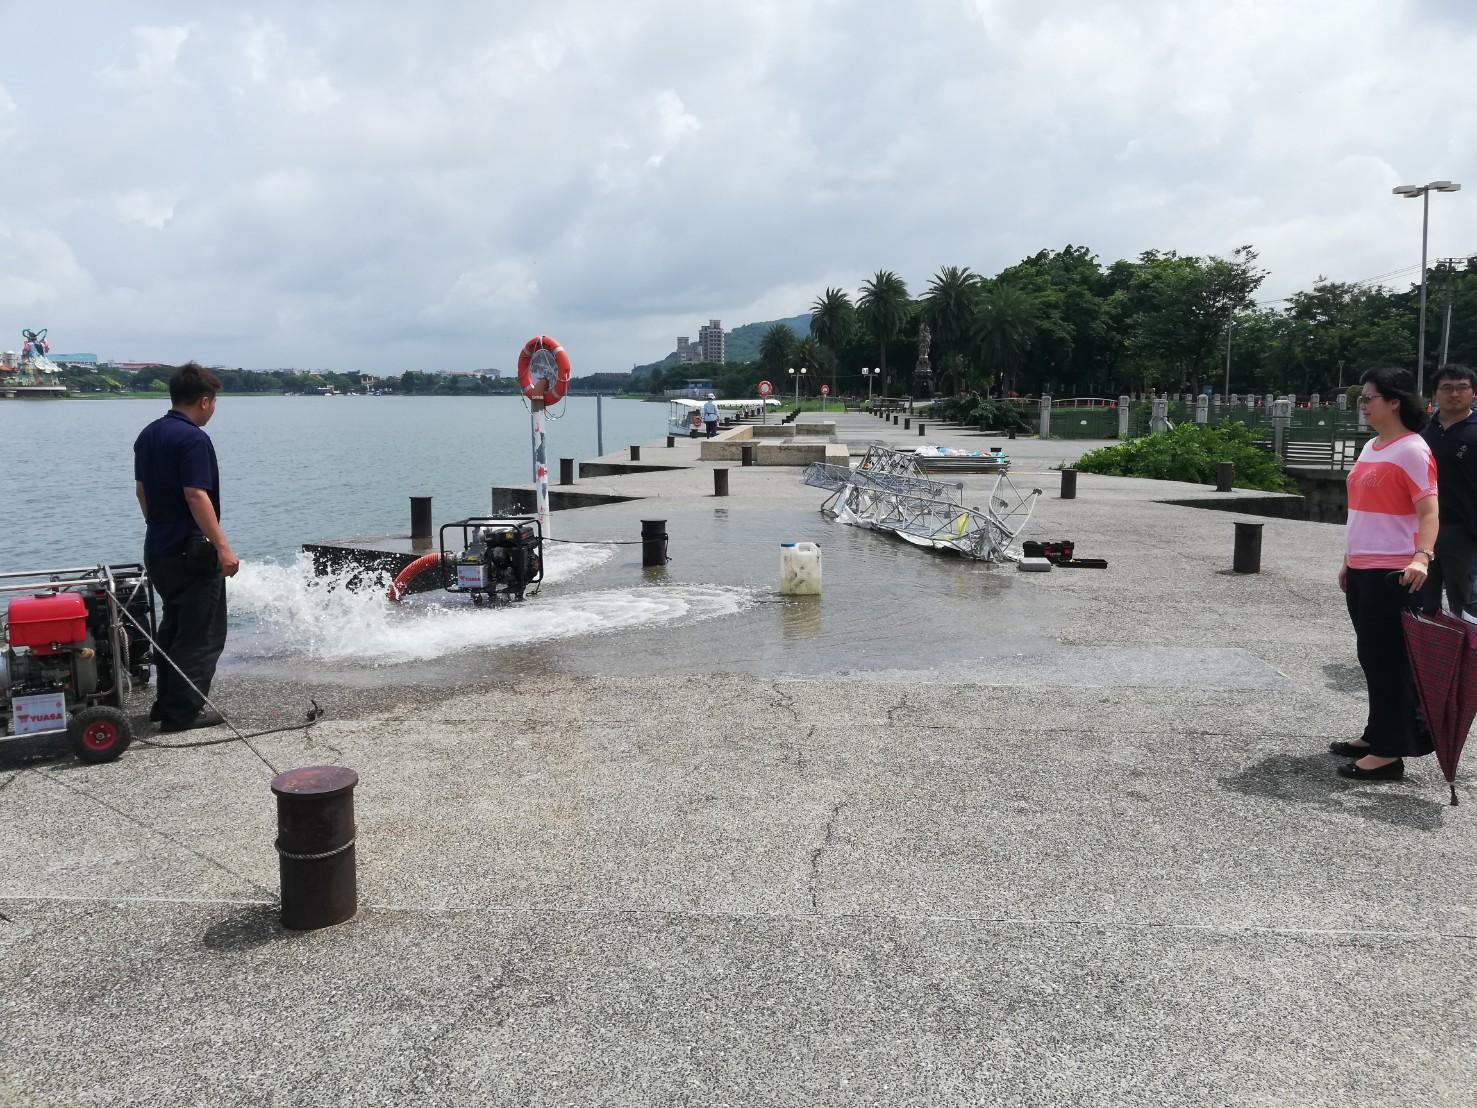 汛期來臨前吳區長於蓮池潭督導抽水機試抽作業